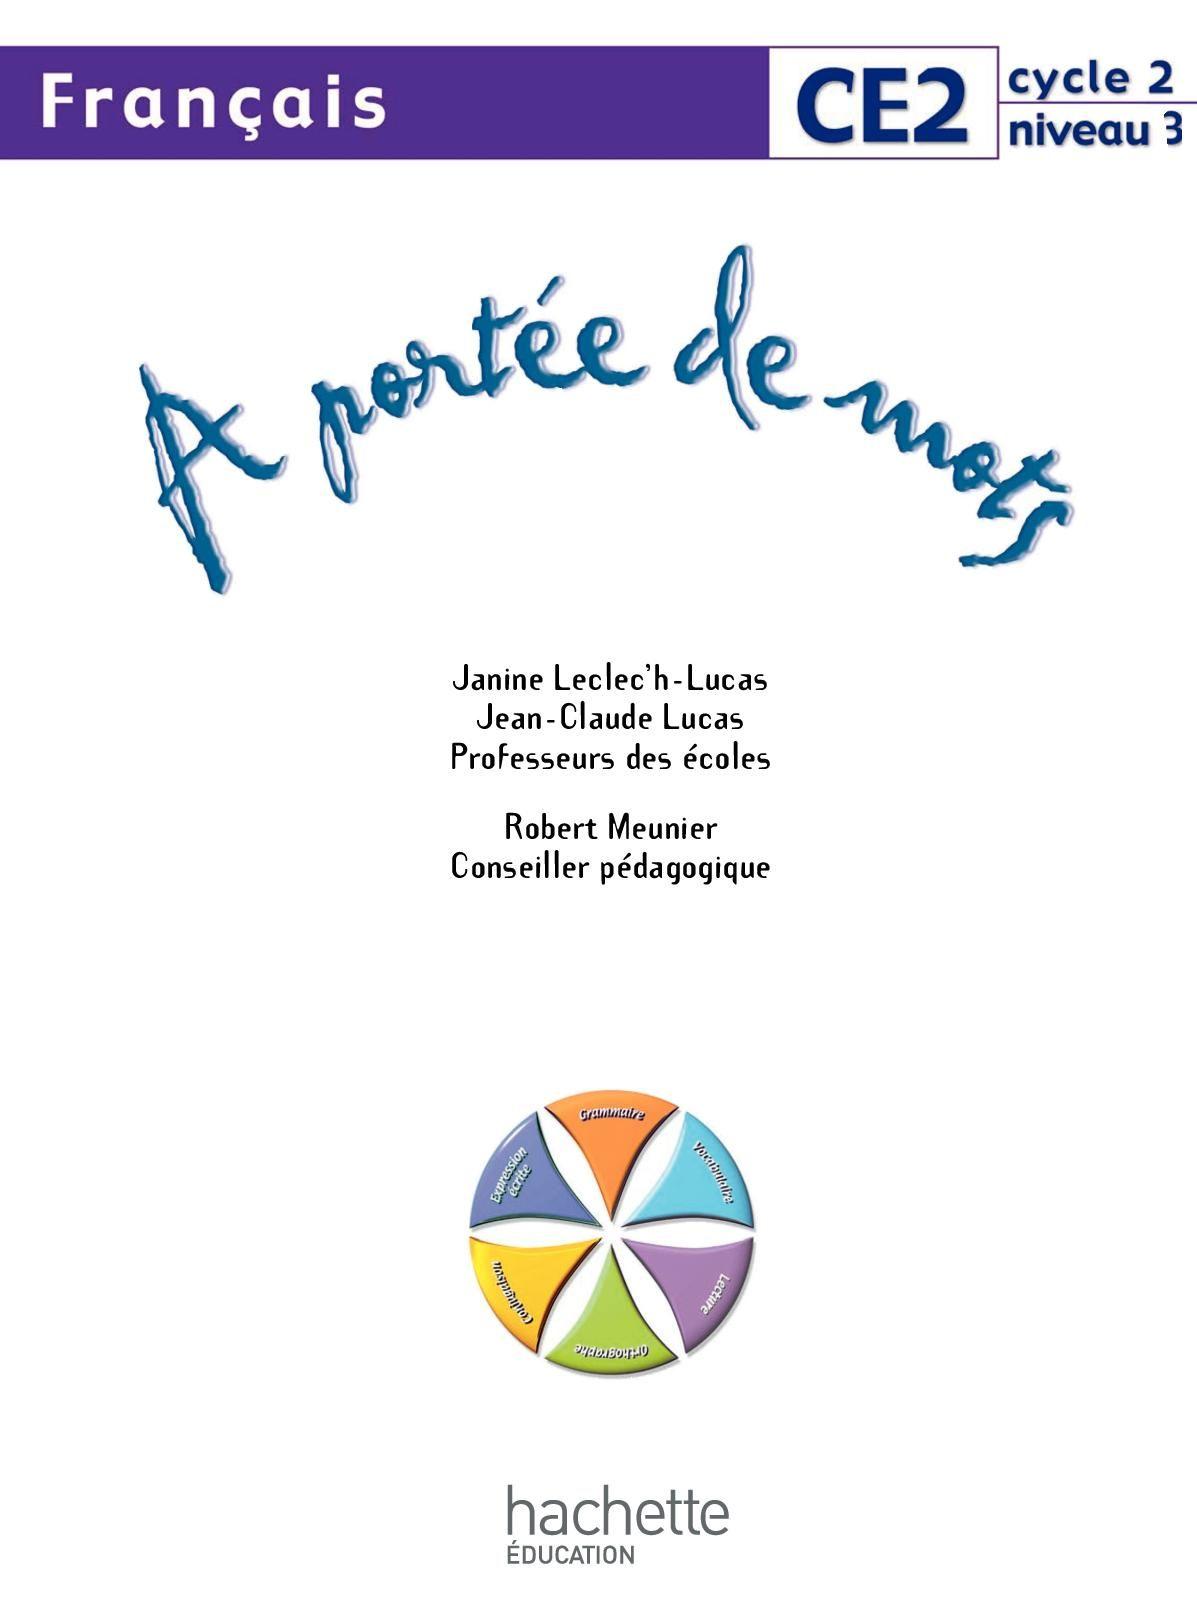 A Portee De Mots Ce2 Edition 2009 Professeur Des Ecoles Ce2 Francais Ce2